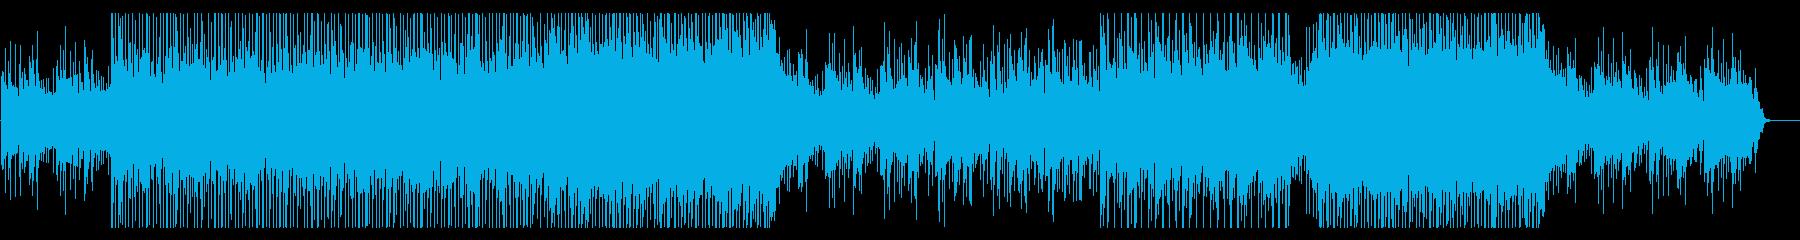 CMや映像、爽やか、アコギポップスの再生済みの波形